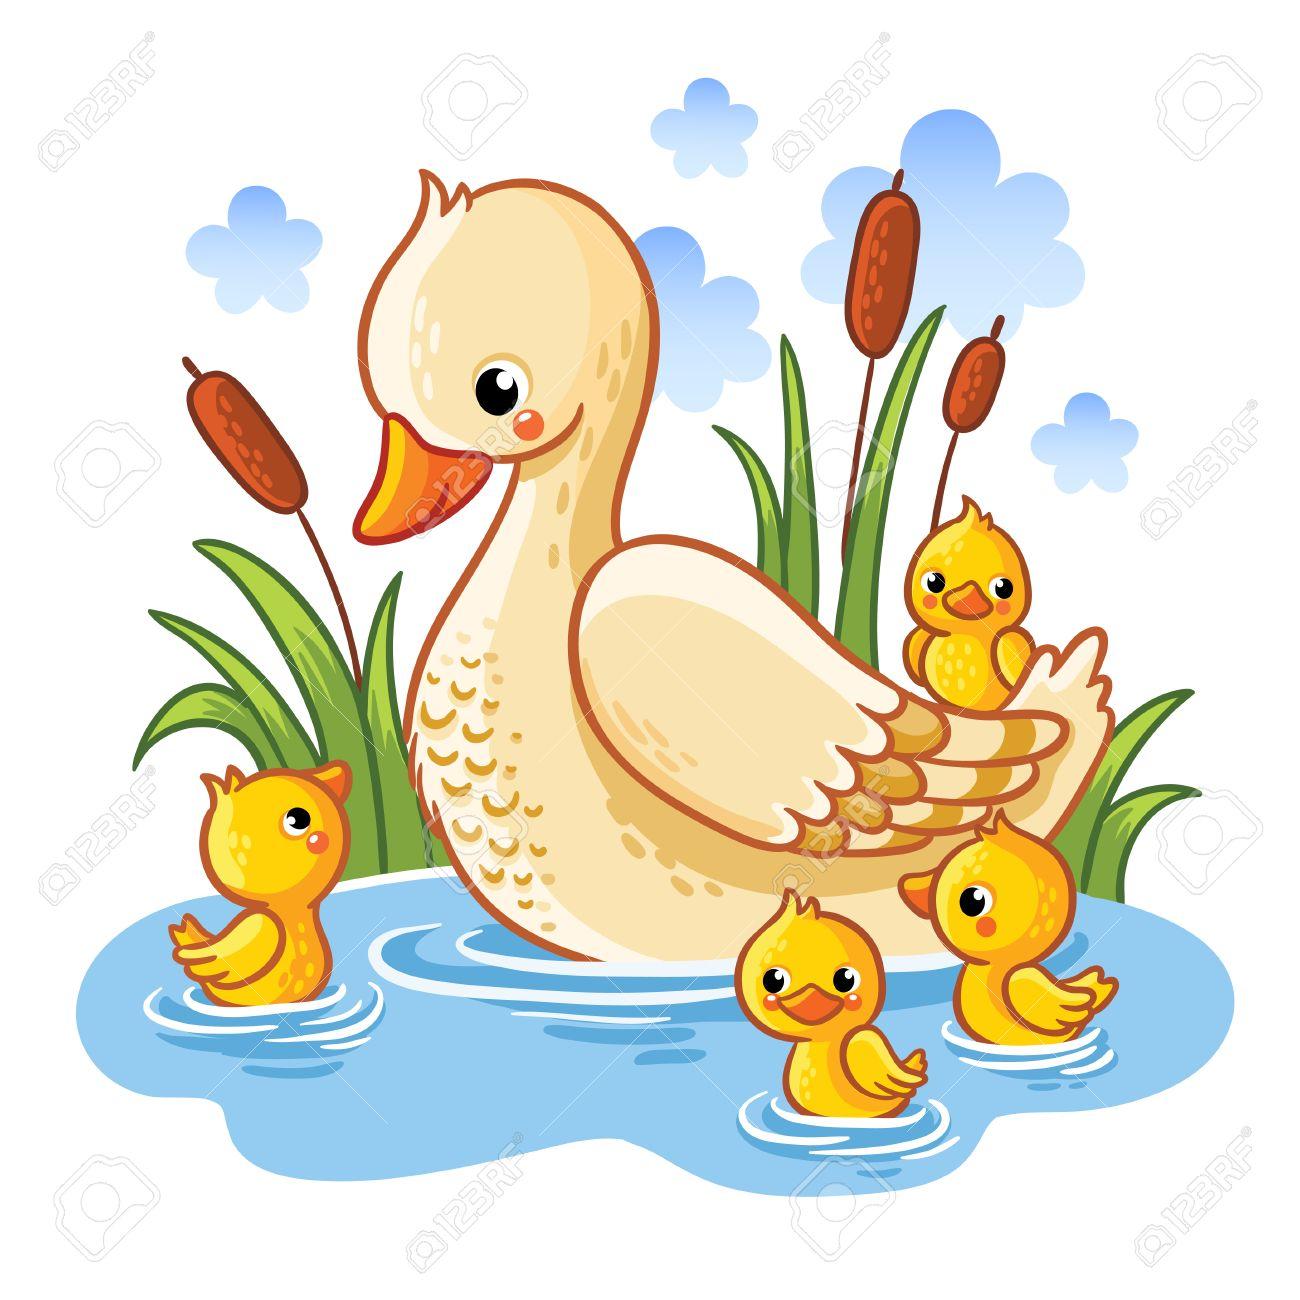 ilustración del vector de un pato y patitos madre de pato nada en